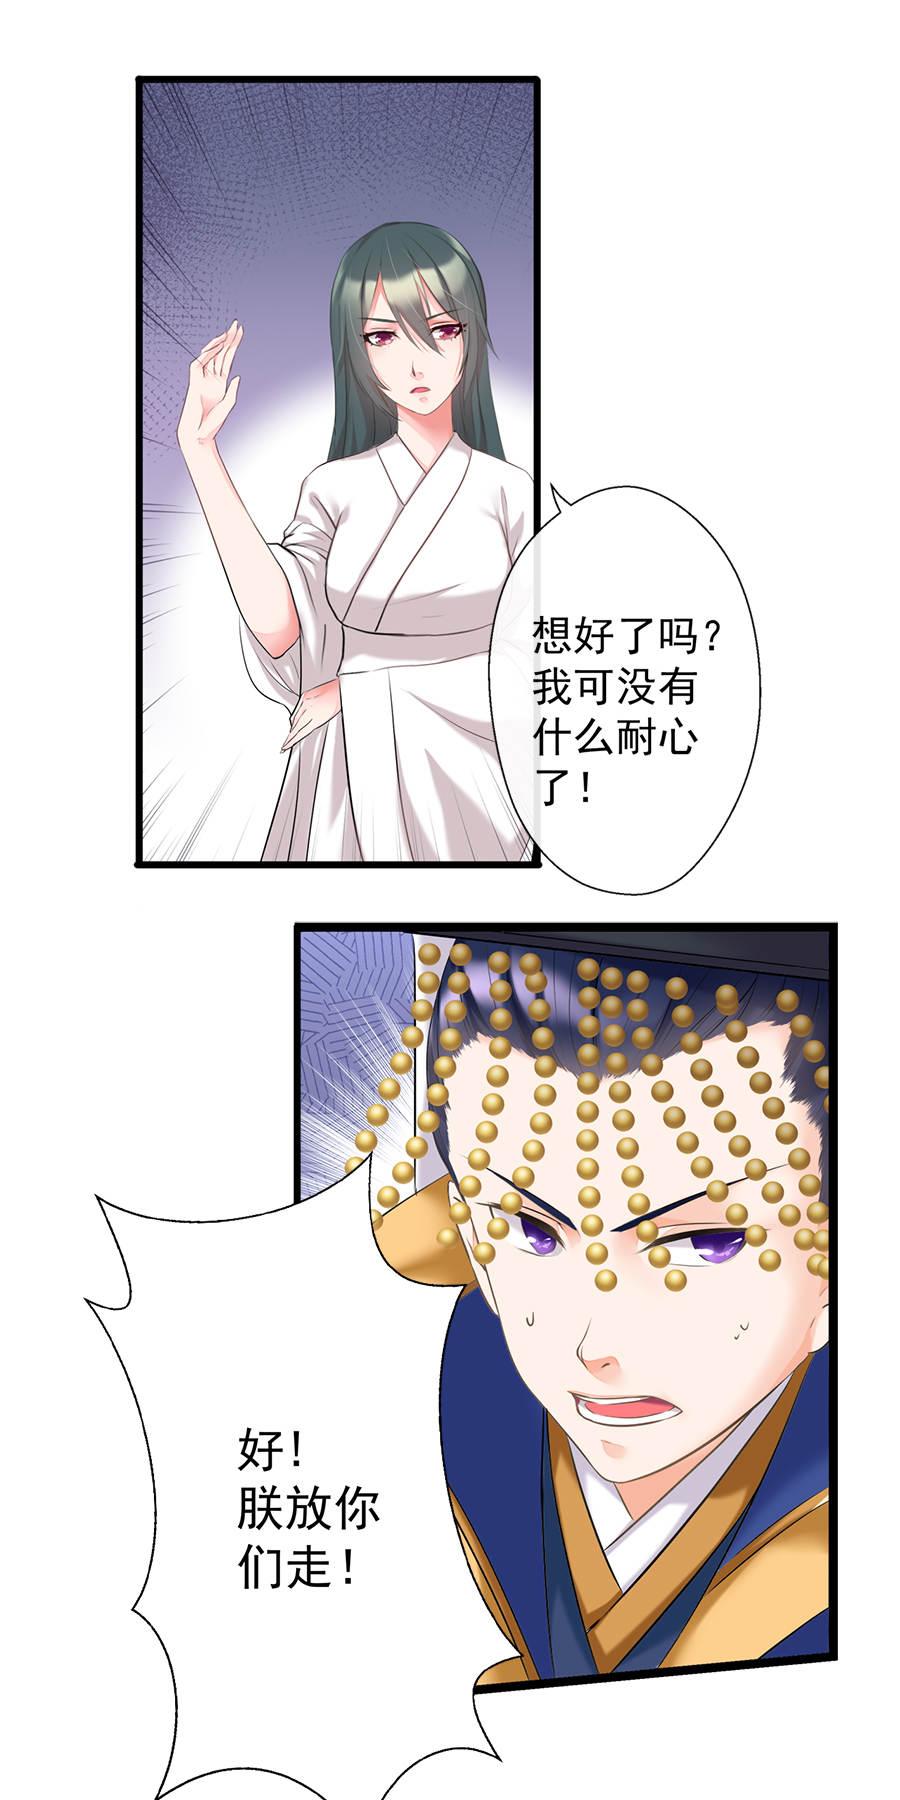 盛世帝王妃第9话  腹背受敌! 第 12